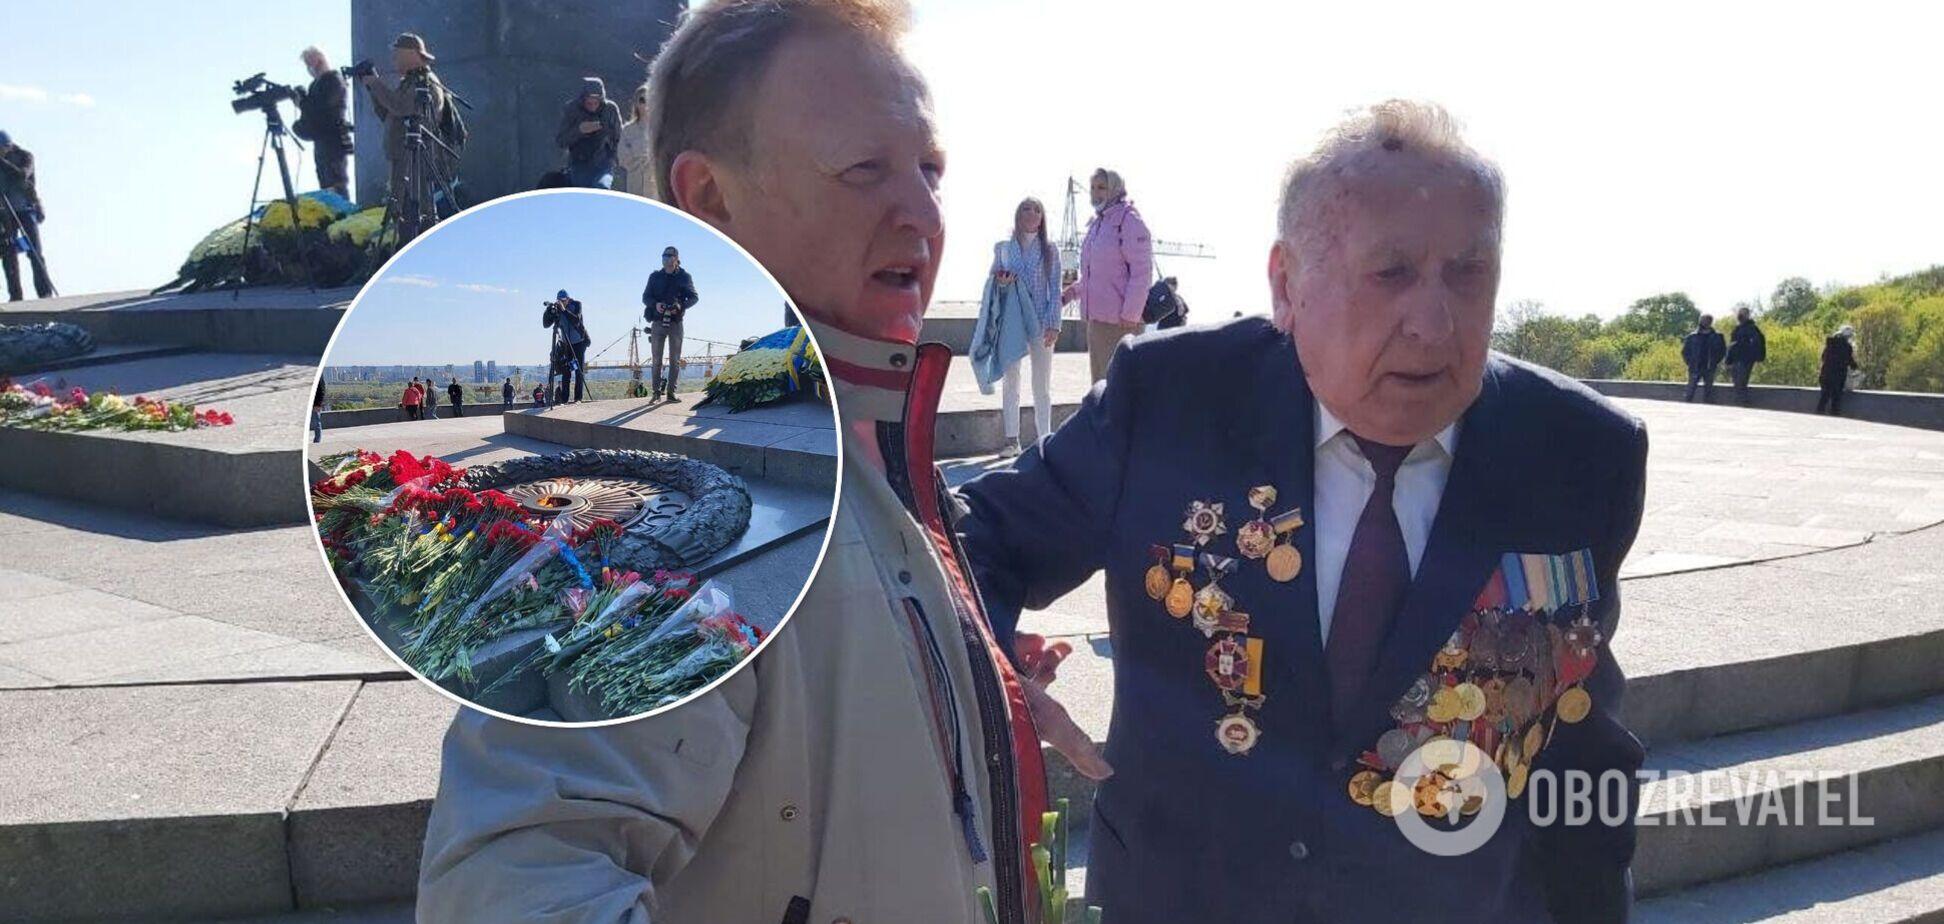 Коммунисты, оскорбление ветерана АТО и националисты: как прошел День Победы в Киеве: Фото, видео